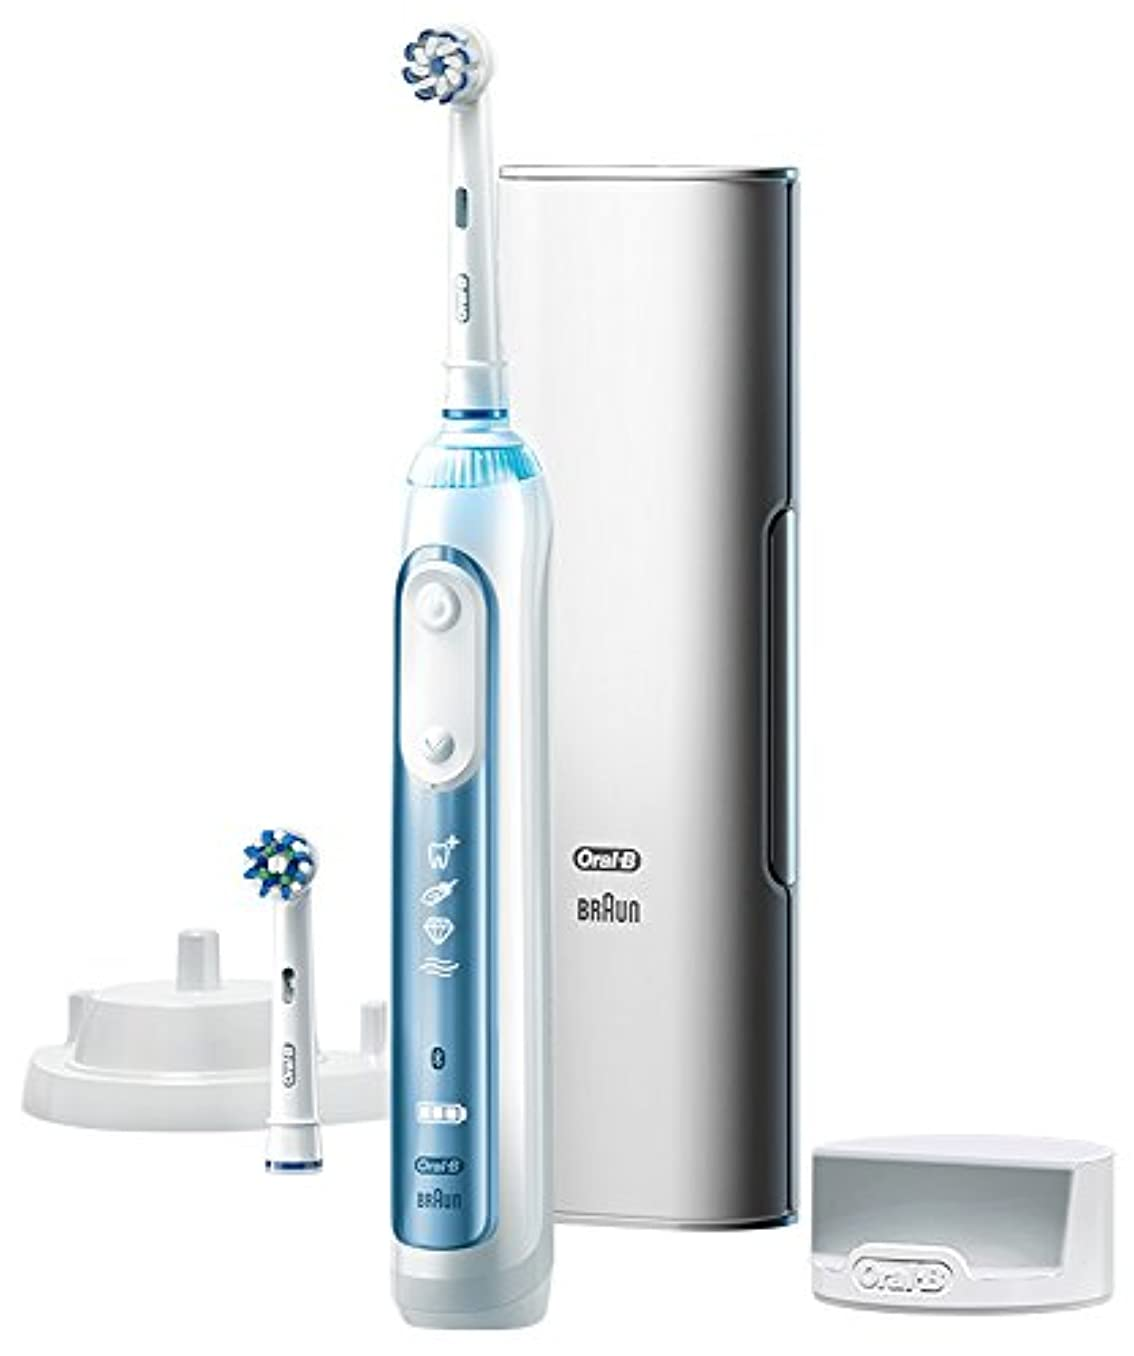 三小さなマンモスブラウン オーラルB 電動歯ブラシ スマート7000 D7005245XP D7005245XP